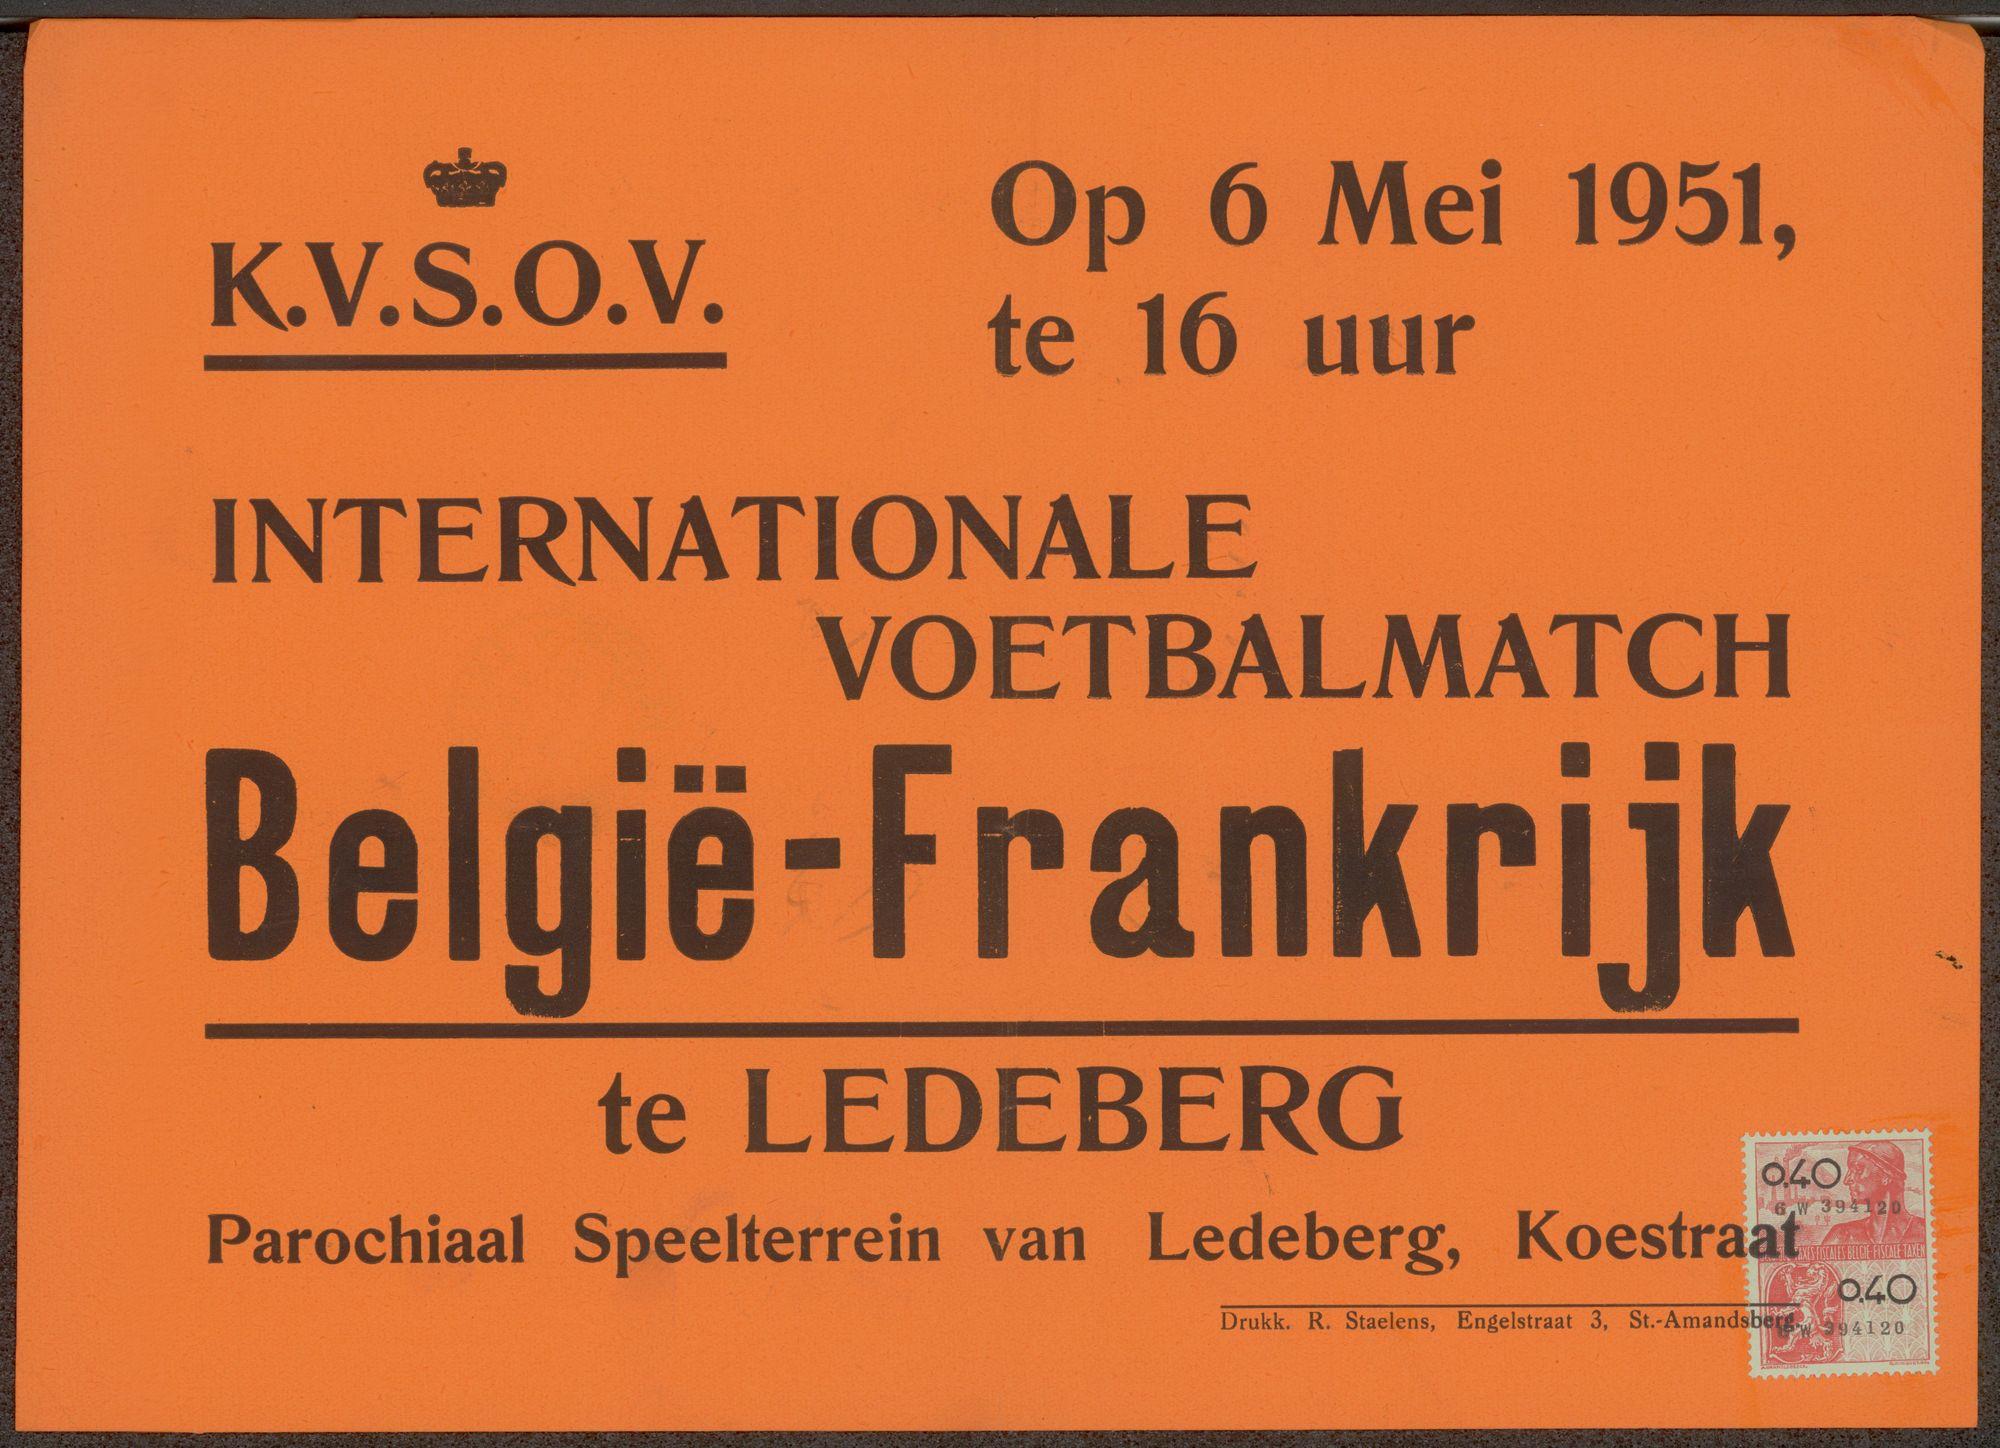 Internationale Voetbalmatch België - Frankrijk, te Ledeberg, Parochiaal Speelterrein van Ledeberg, Koestraat, op 6 Mei 1951